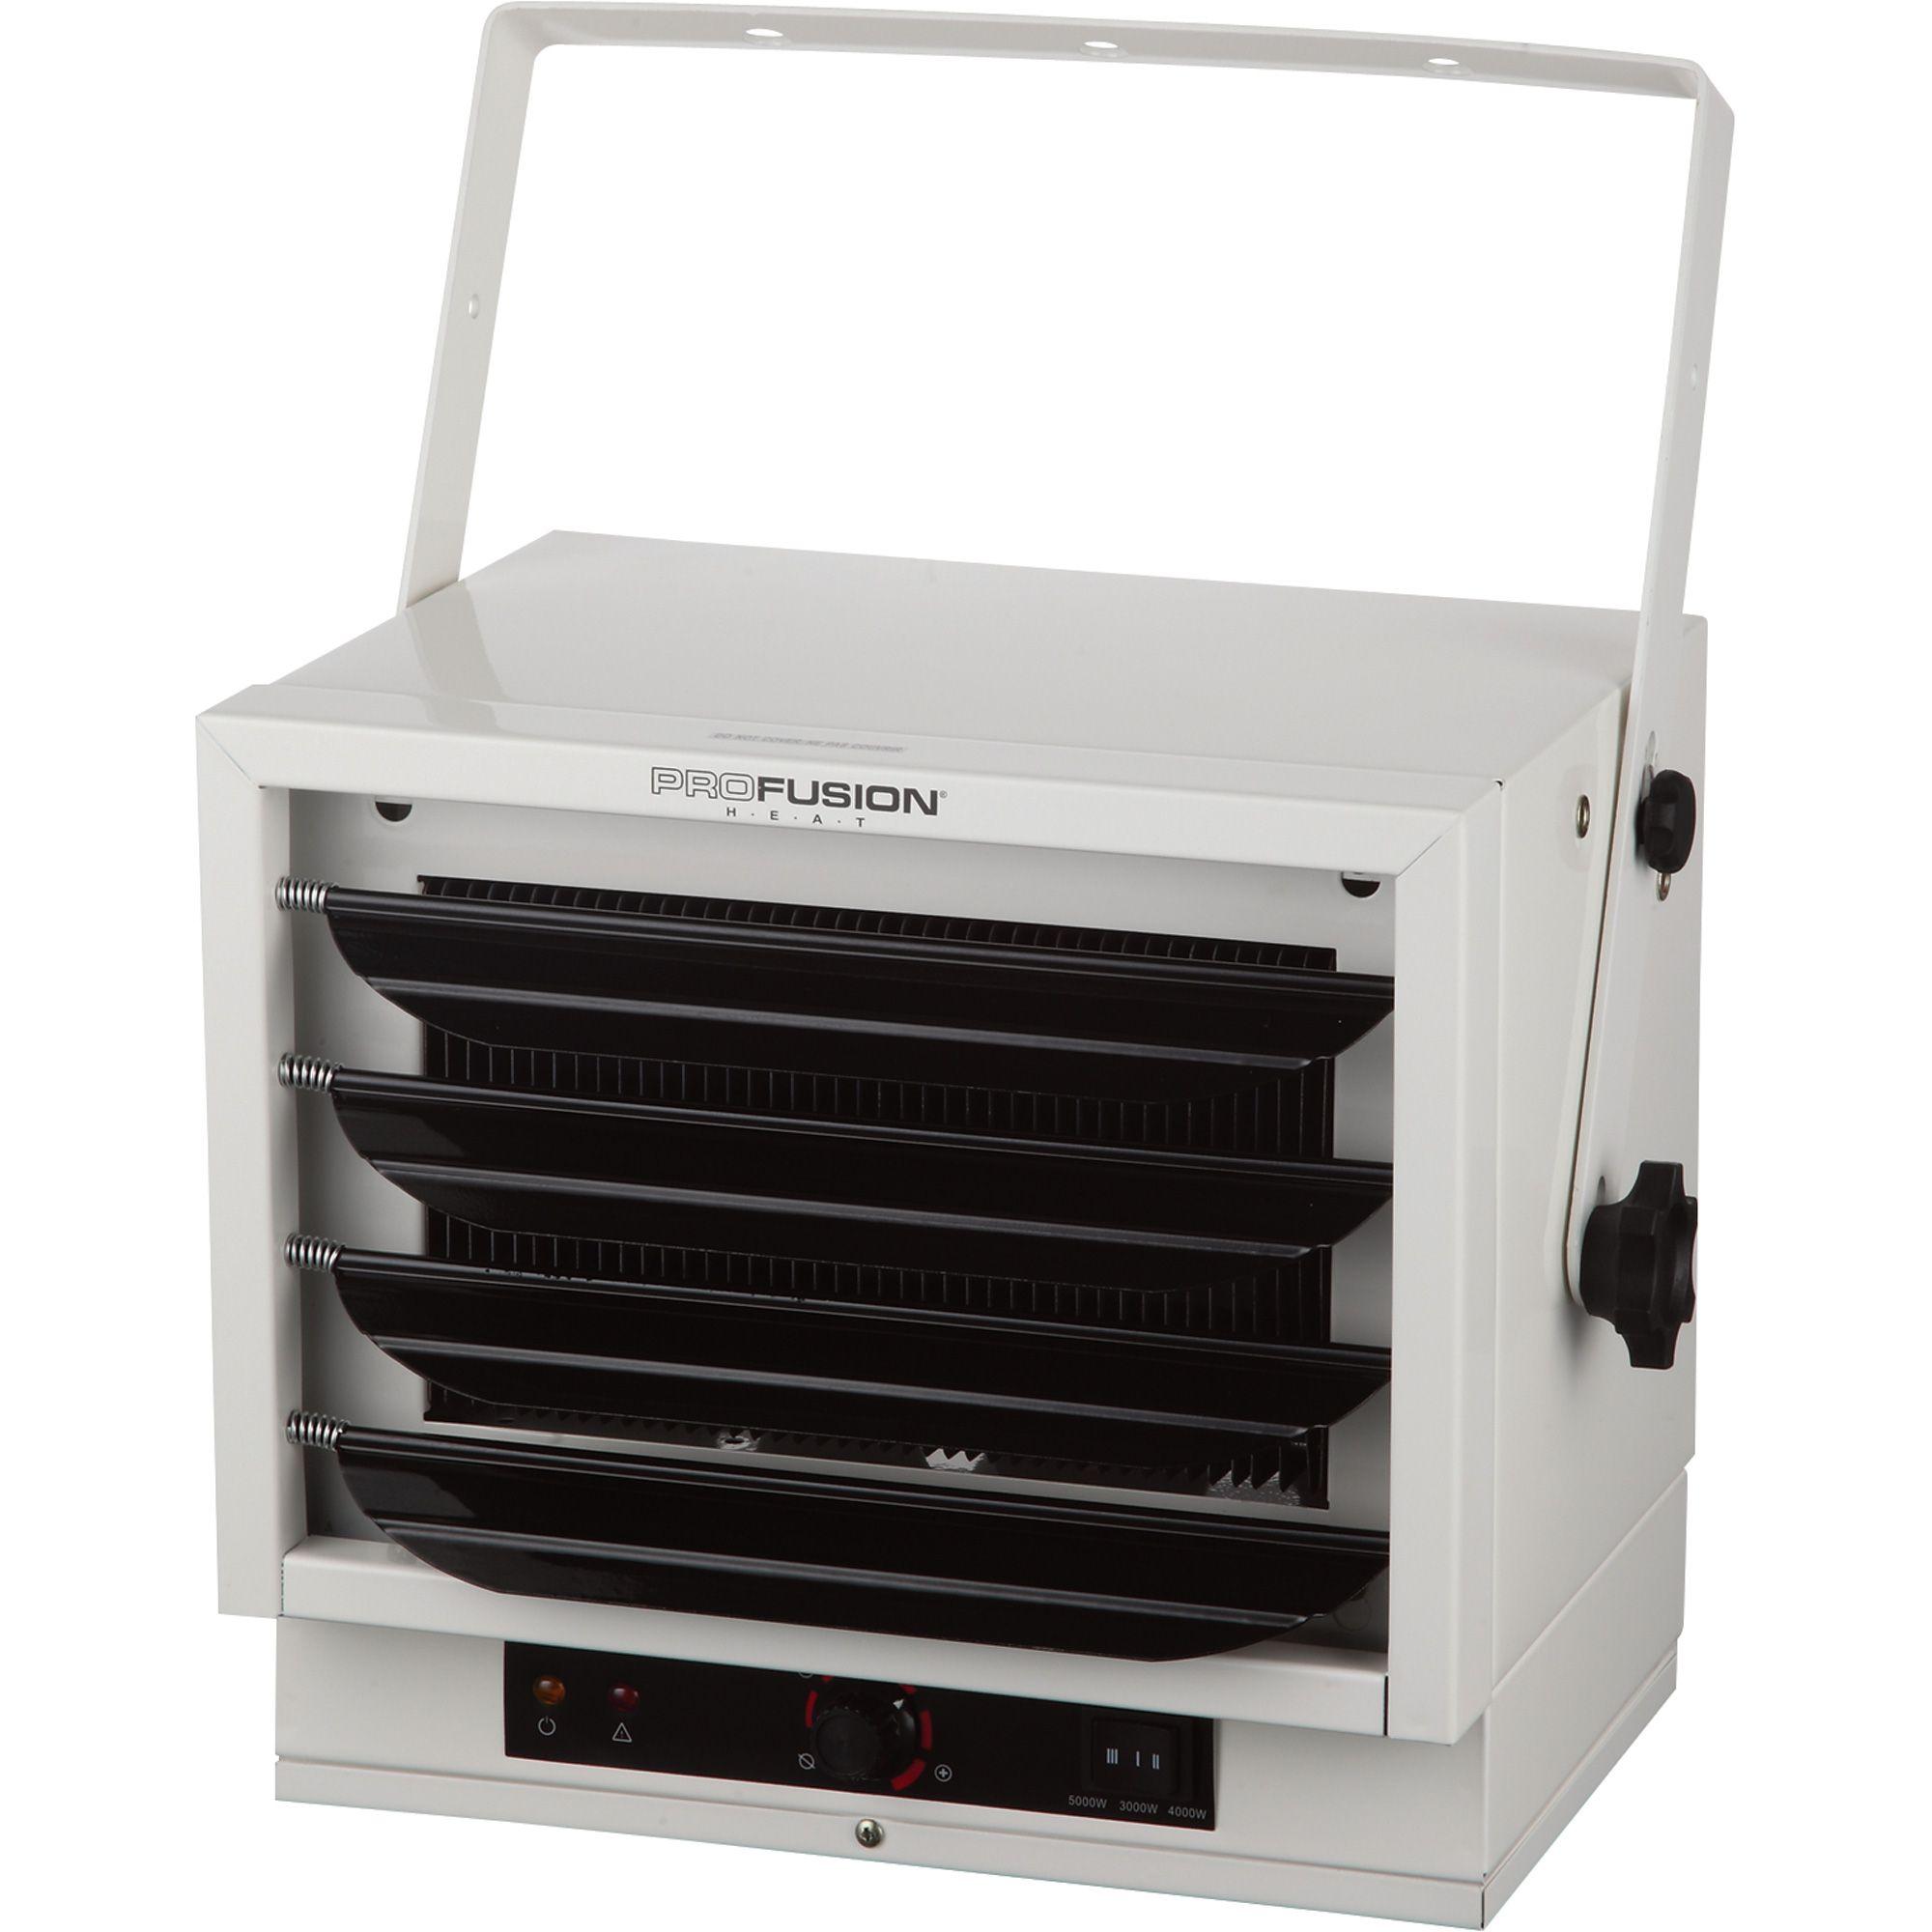 profusion garage heater u2014 btu 240 volts - Electric Shop Heater